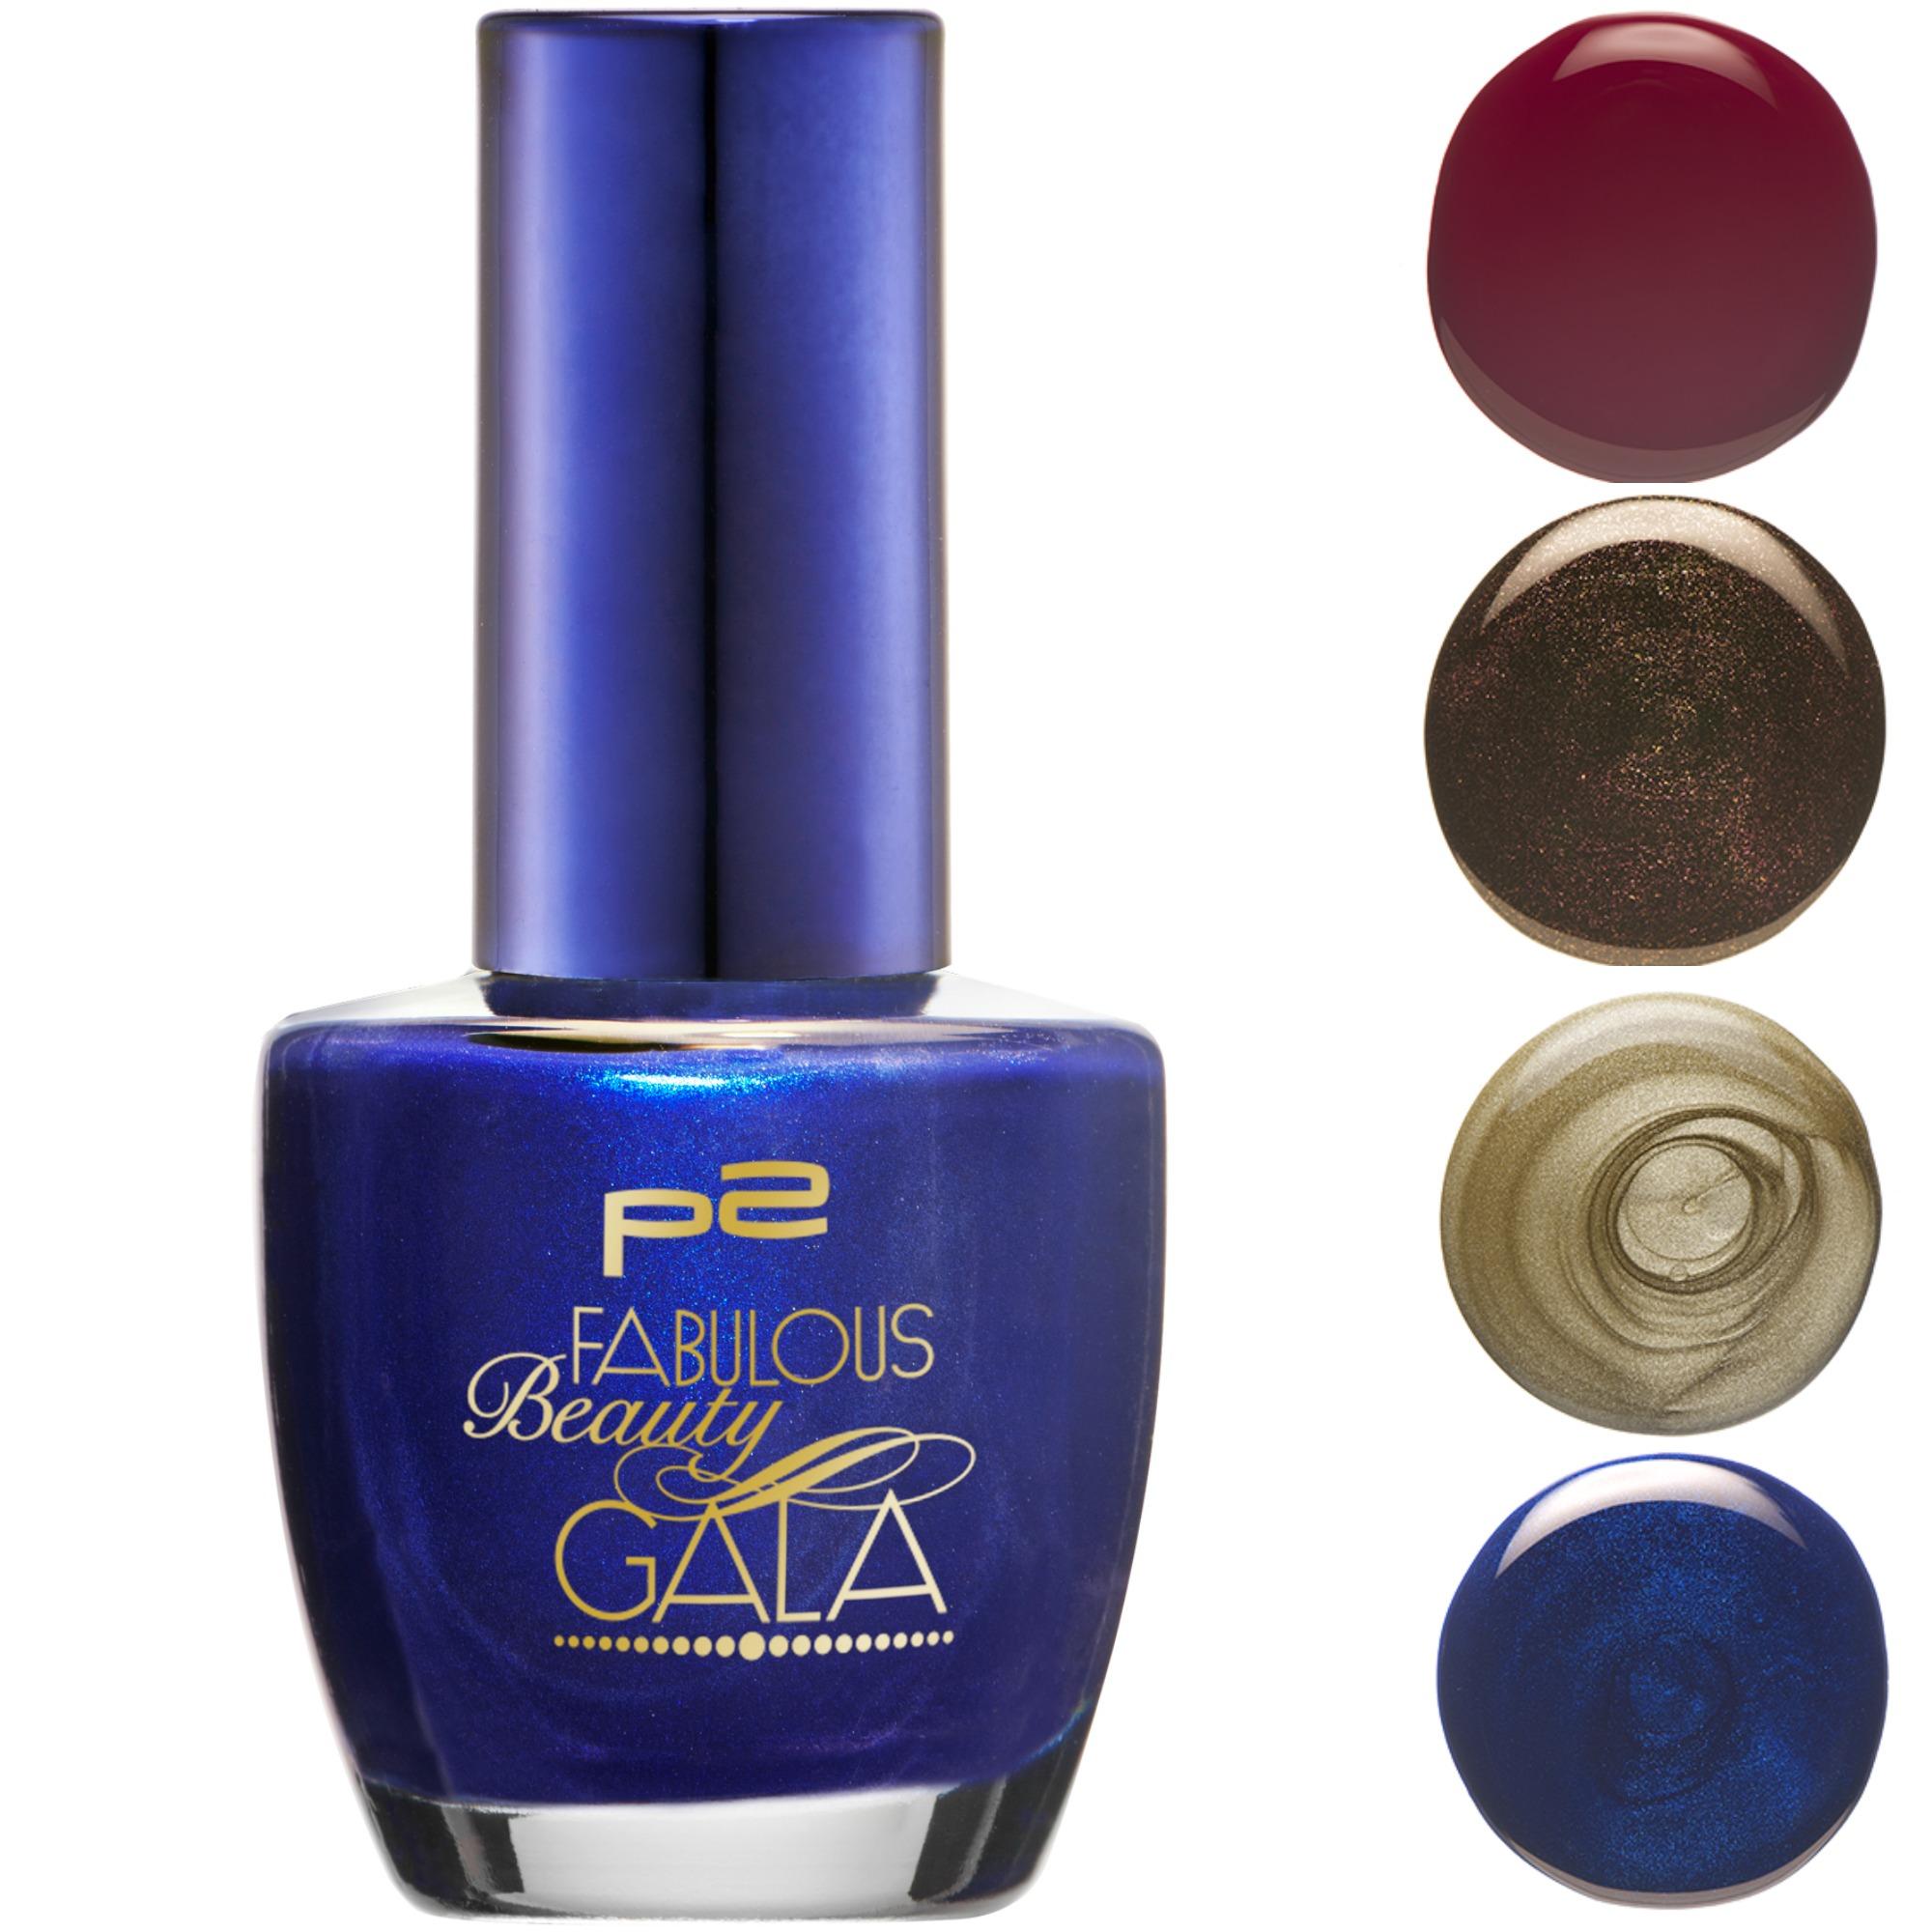 P2 Fabulous Beauty Gala Limited Edition